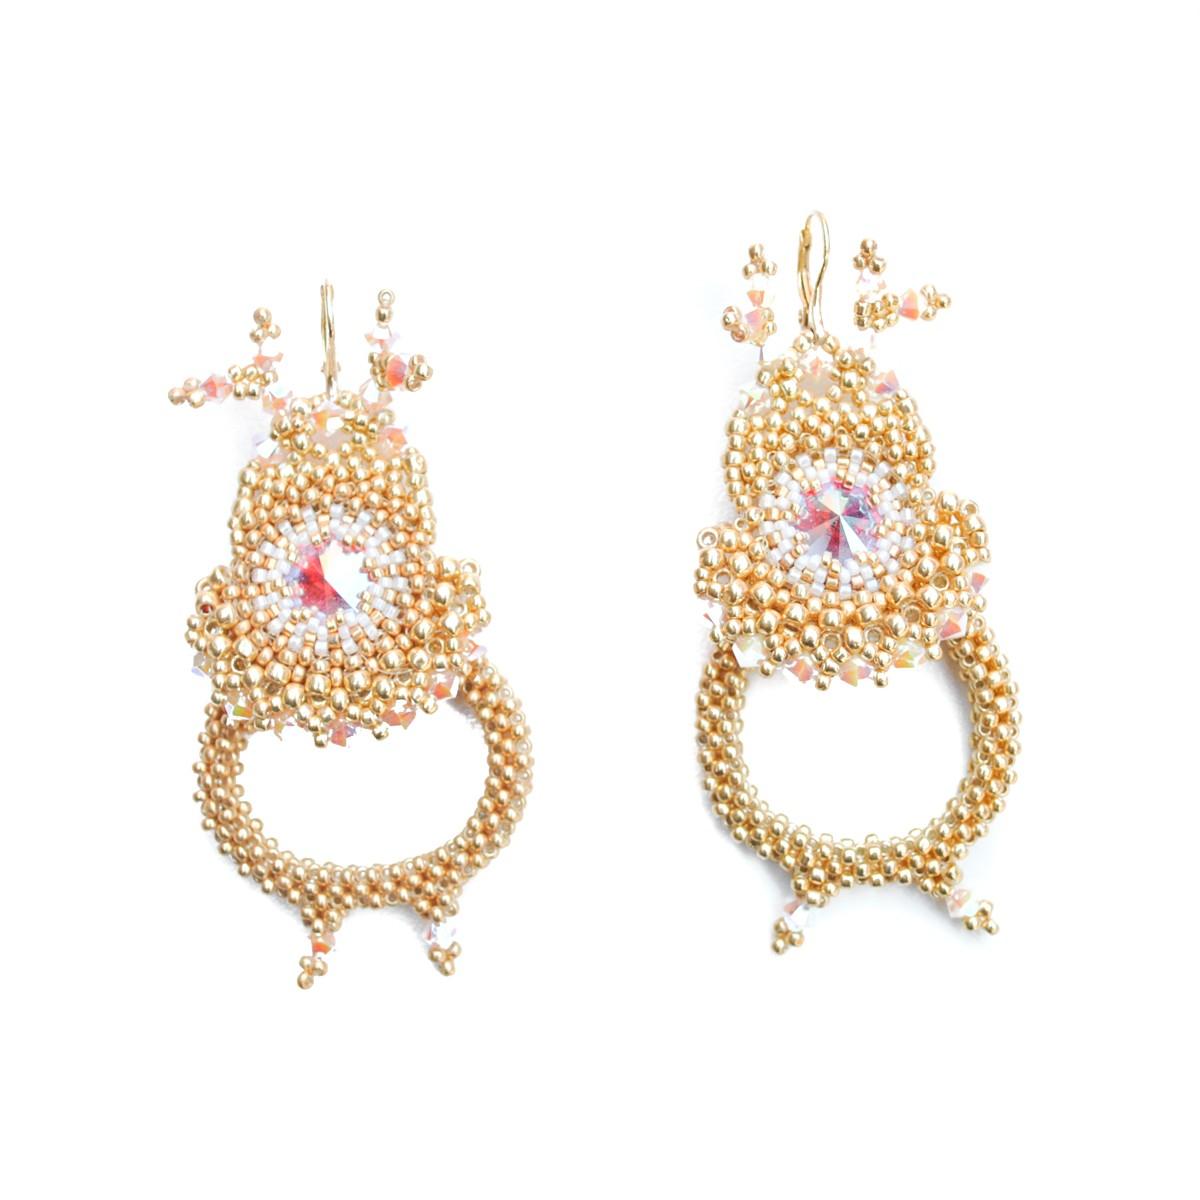 Cercei aurii Lovely Reindeer